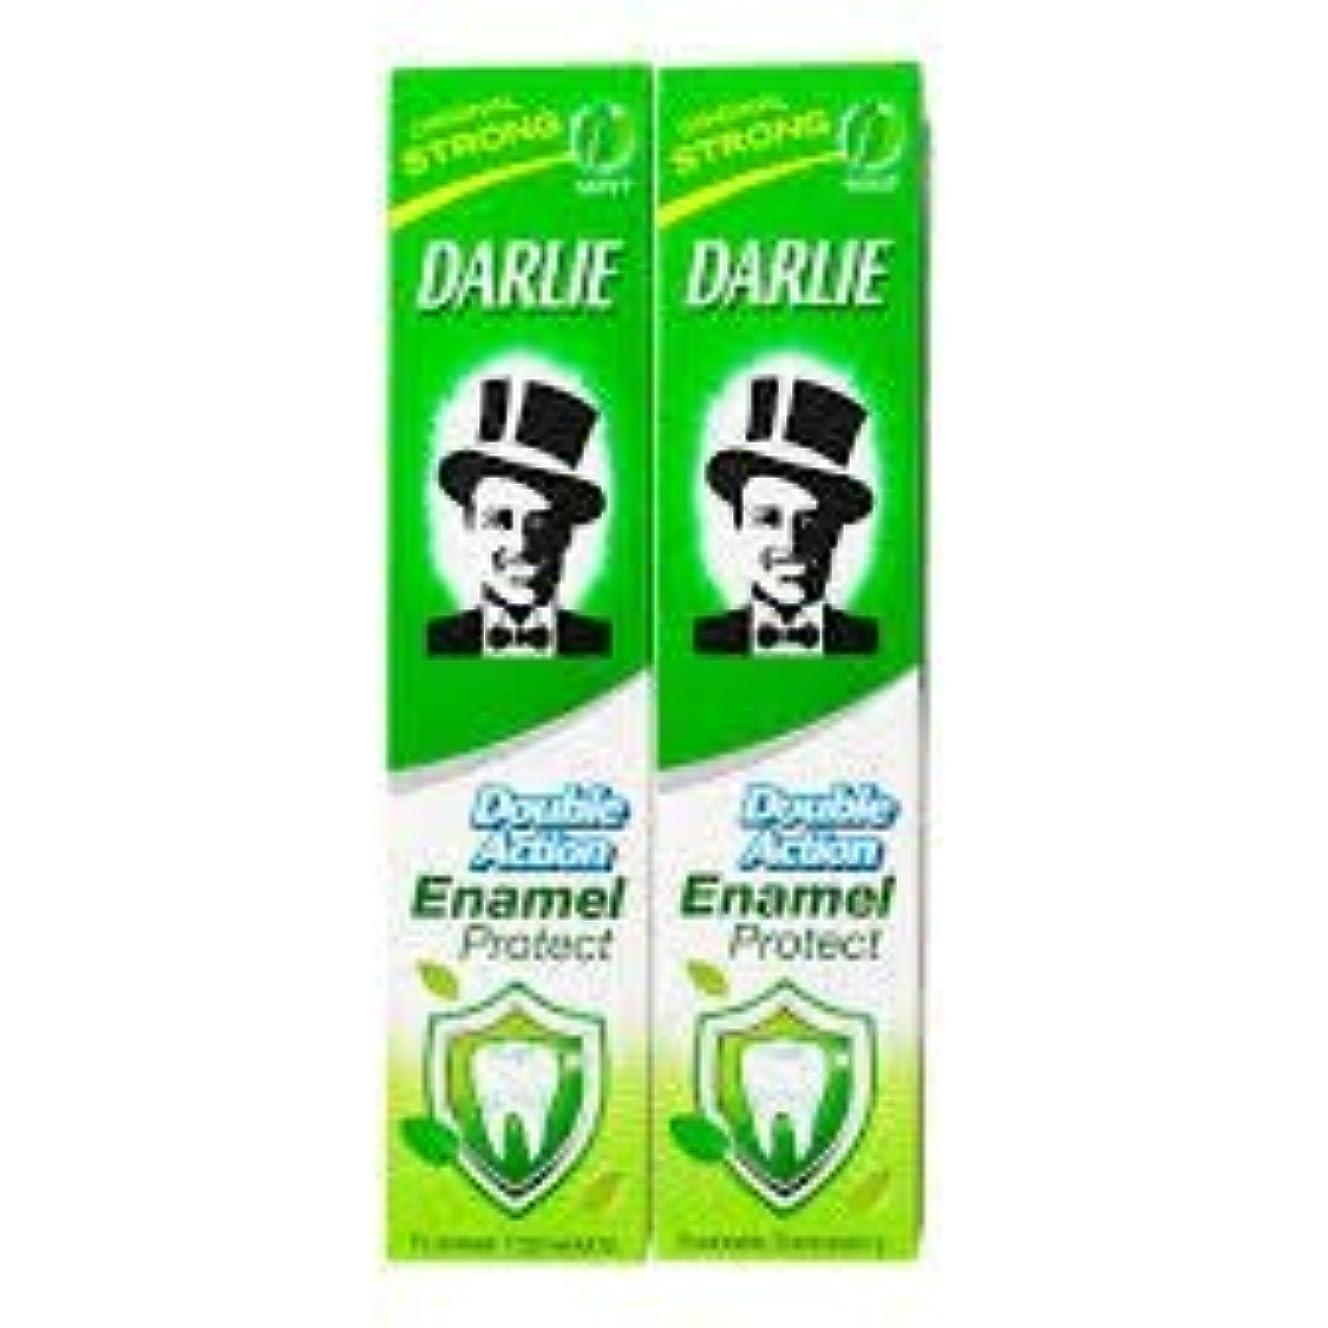 サルベージに対してスプリットDARLIE 歯磨き粉歯磨き粉二重の役割、保護エナメル強いミント2×220ケ - あなたの歯を強化し、防御の最前線